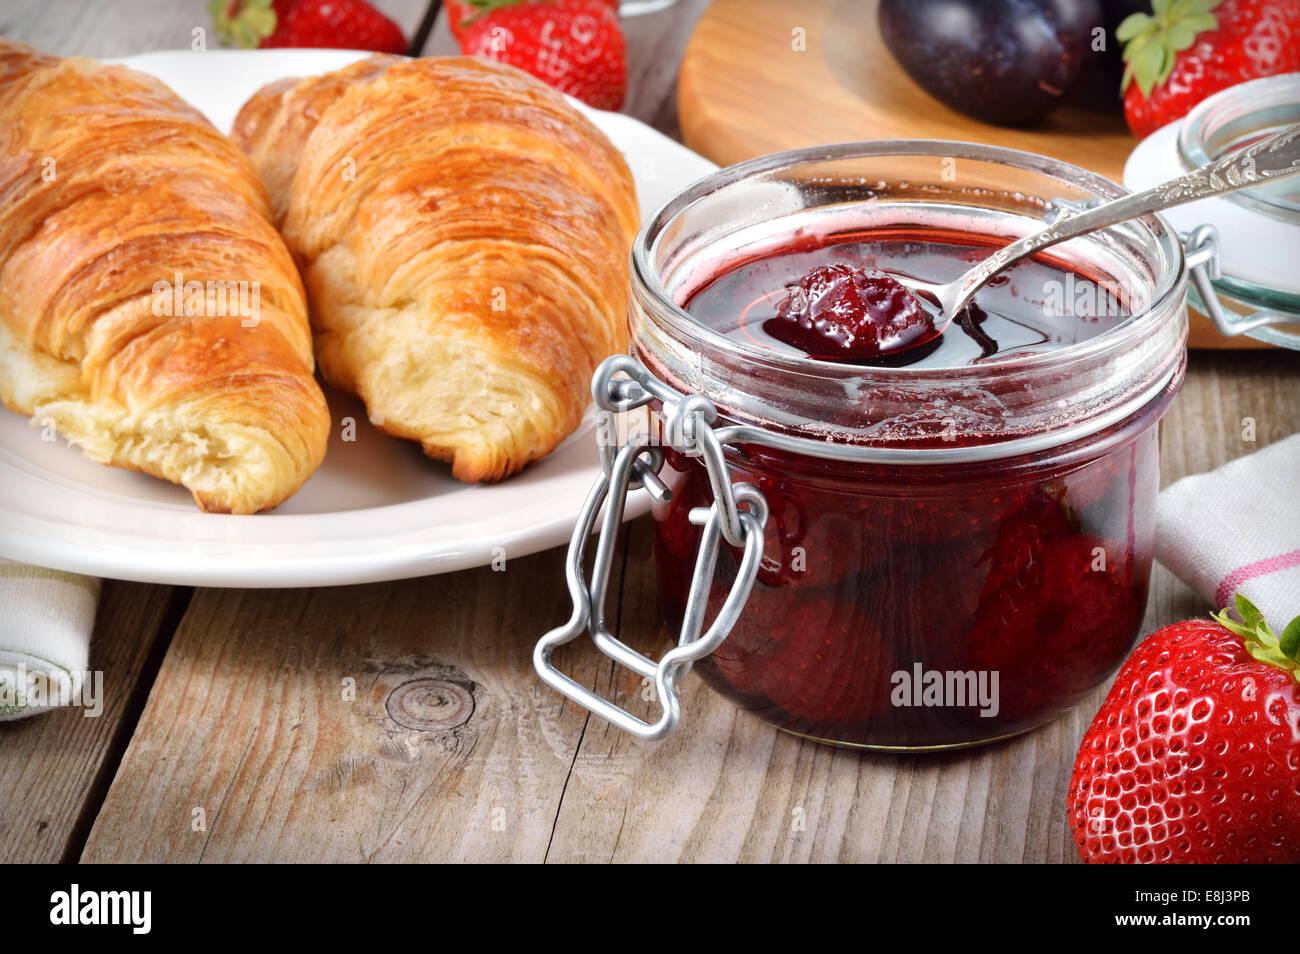 La confiture de fraise et un croissant sur la table en bois. Photo Stock